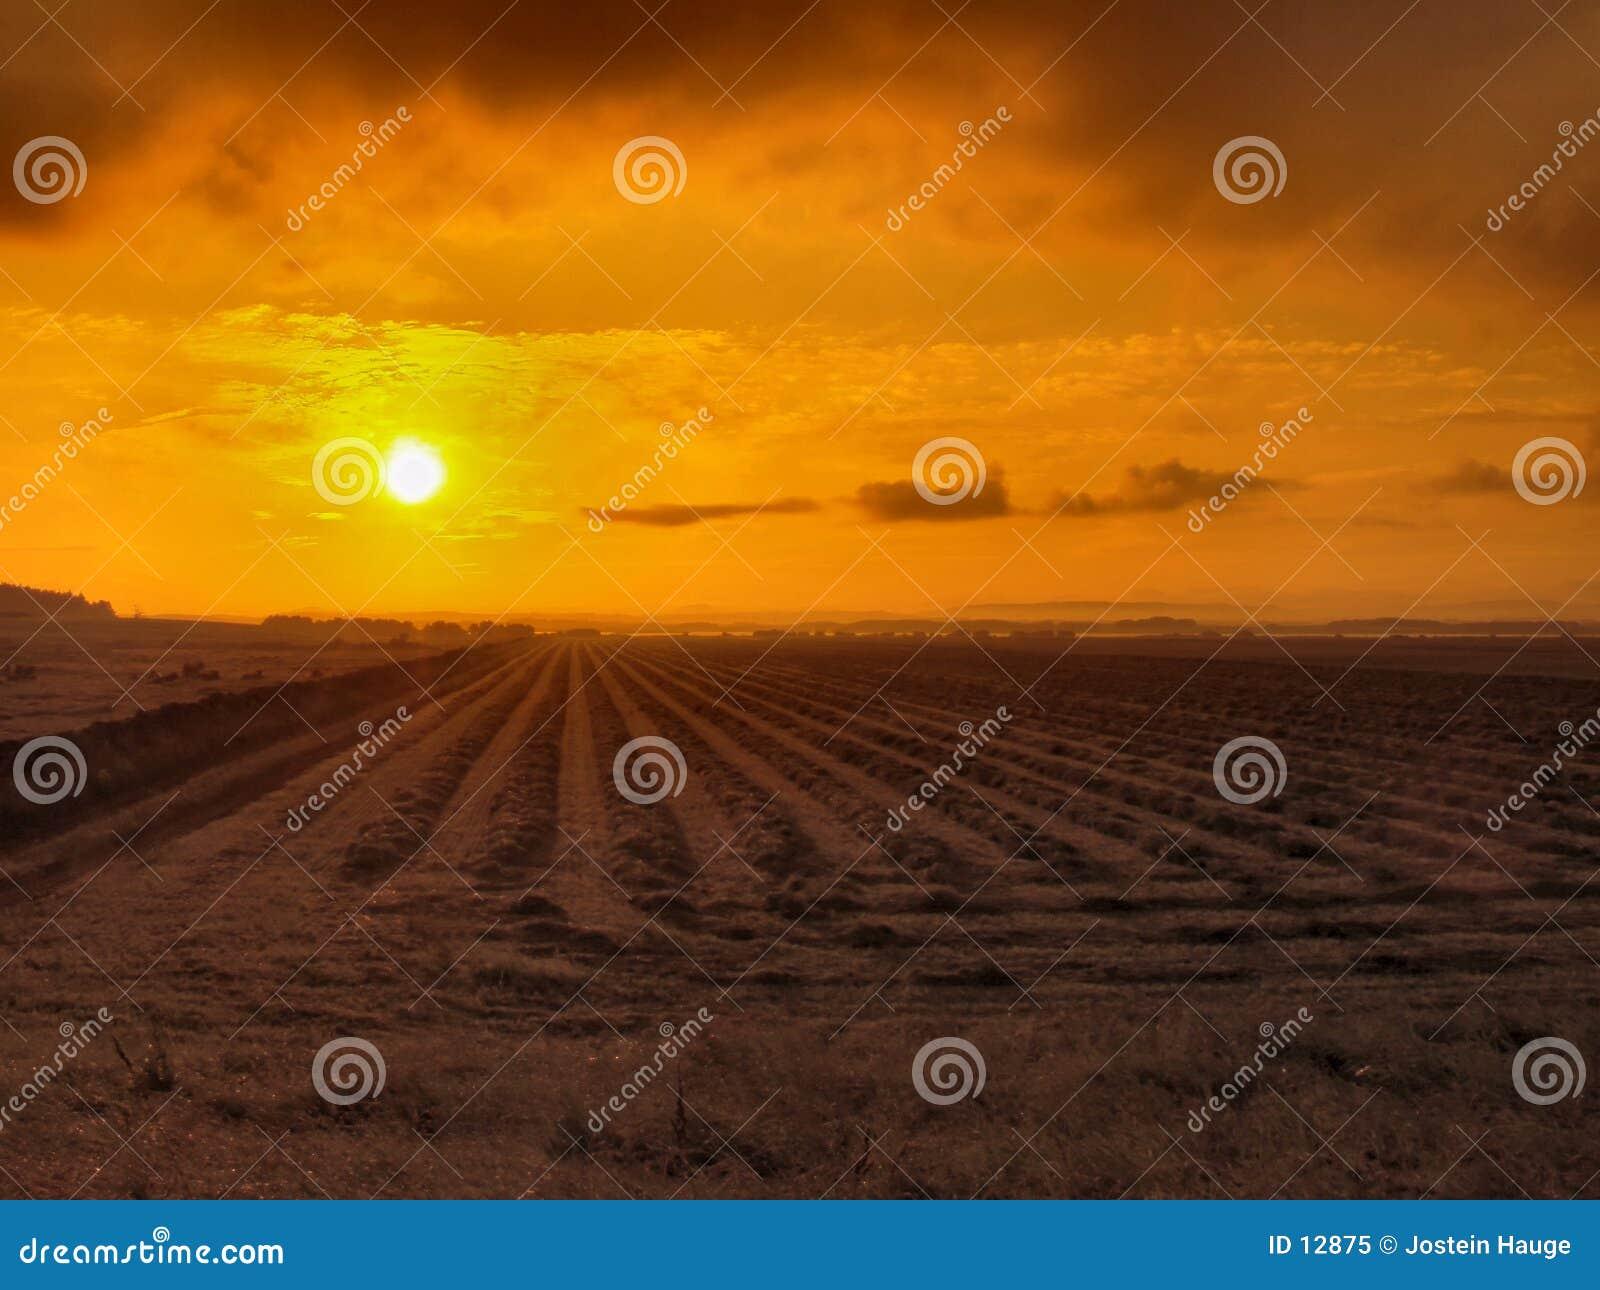 Landwirtschaftlicher Sonnenaufgang